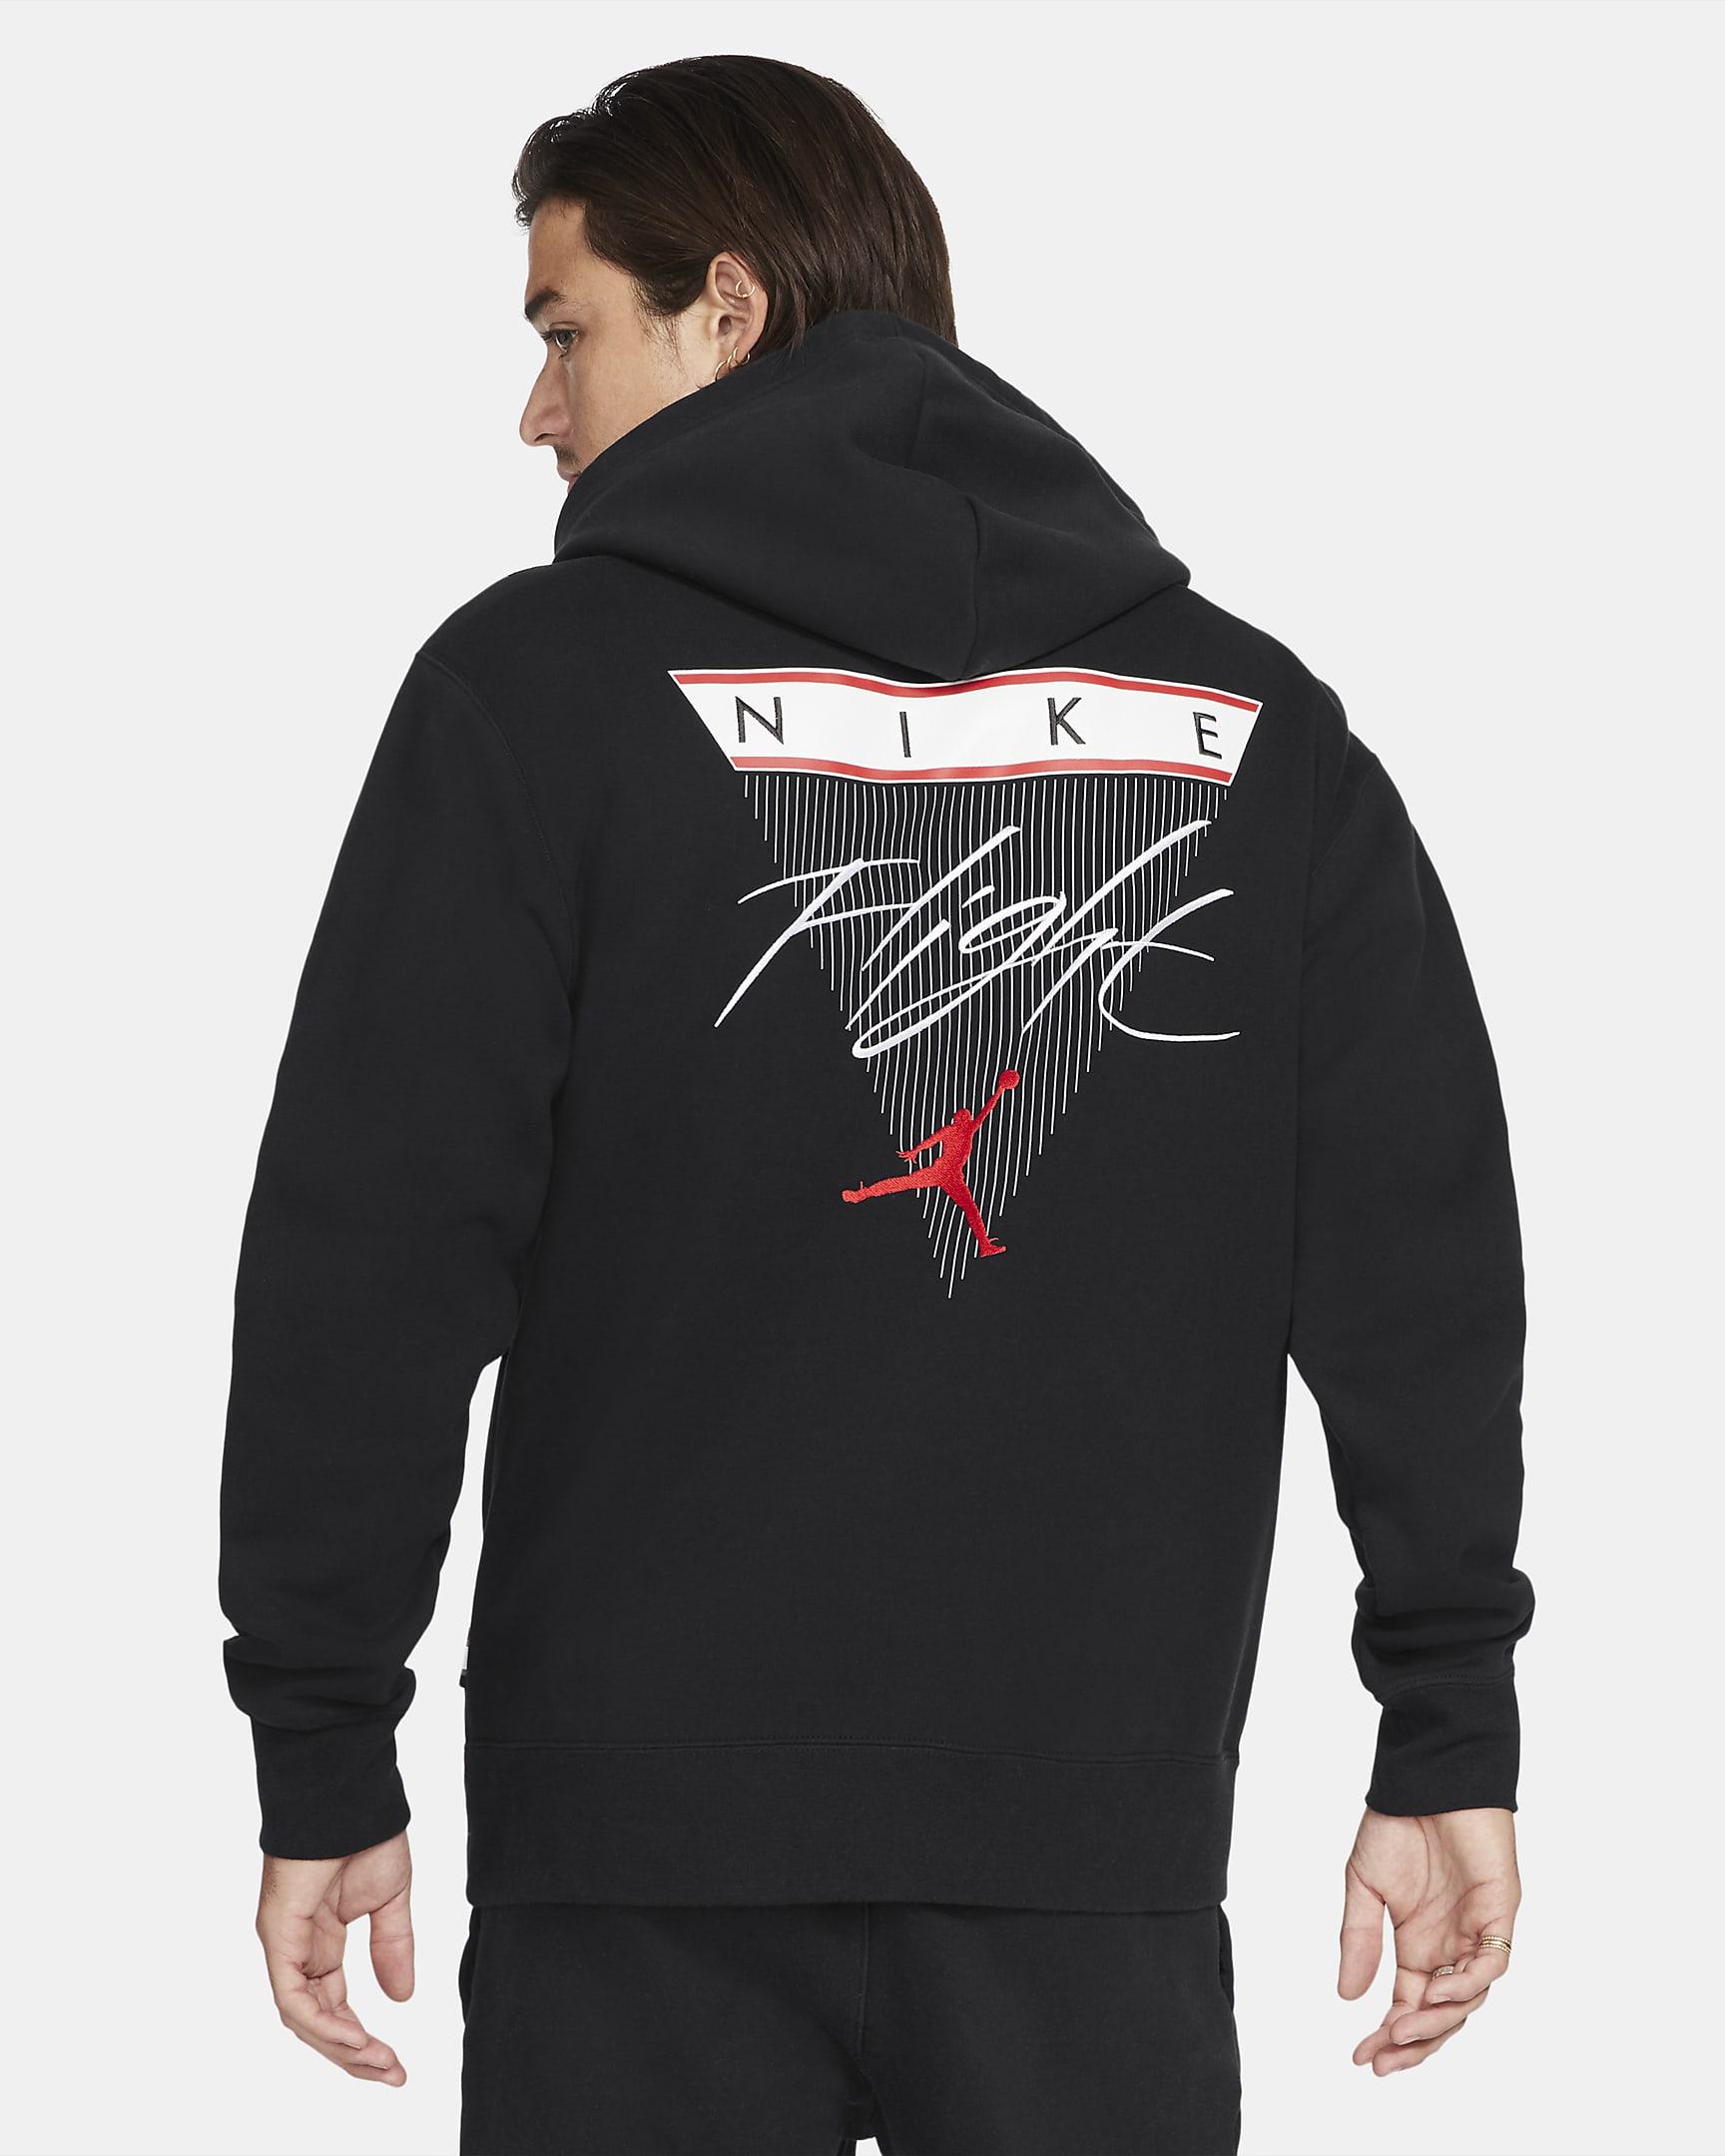 jordan-flight-mens-graphic-pullover-hoodie-gKLHPl-1